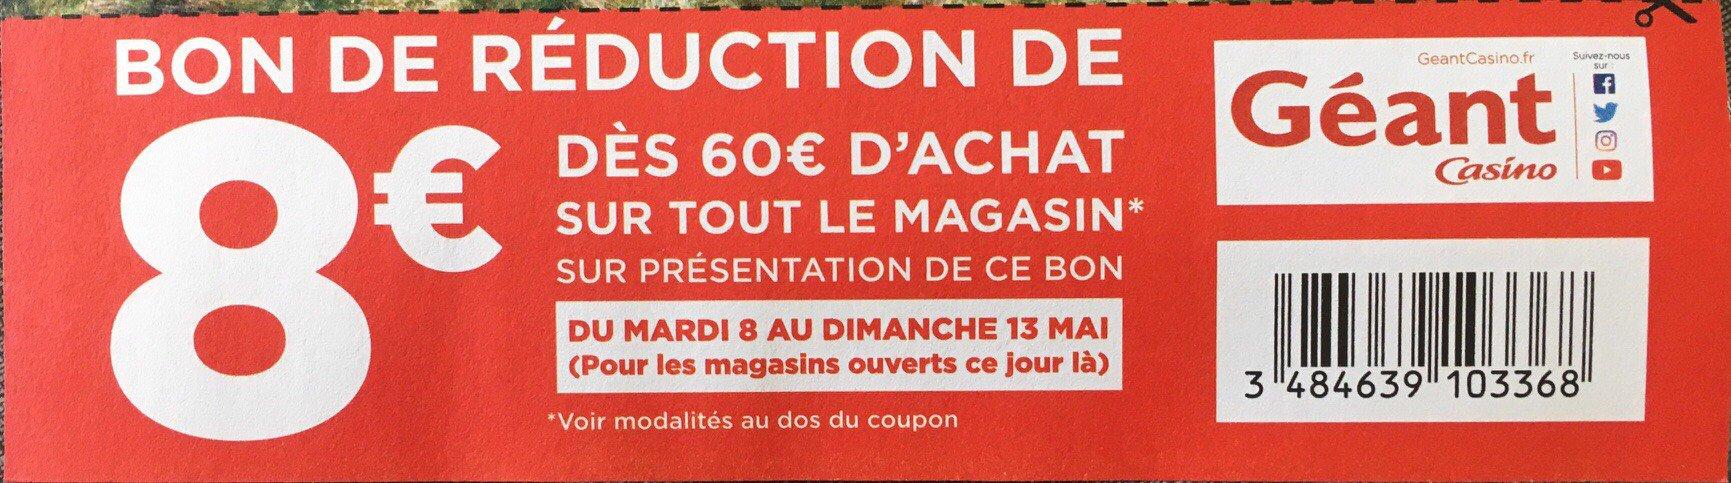 8 de r duction d s 60 d achat en magasin - Geant casino salon de provence ...